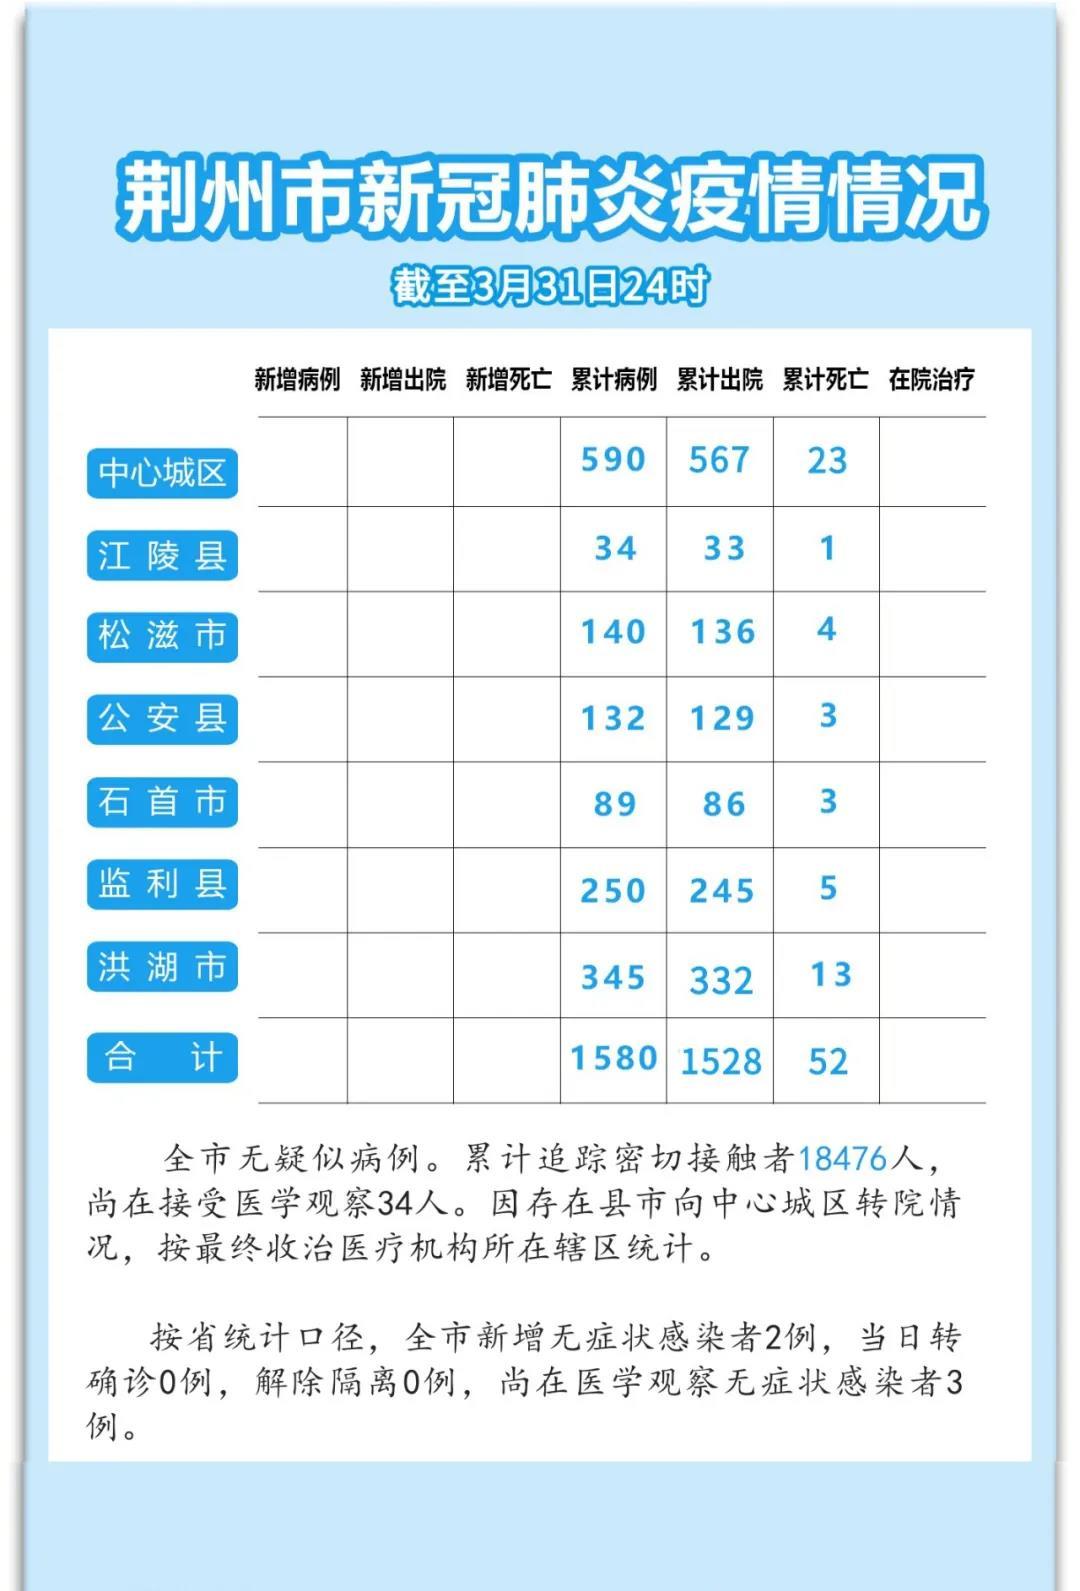 首次通报!荆州新增2例无症状感染者